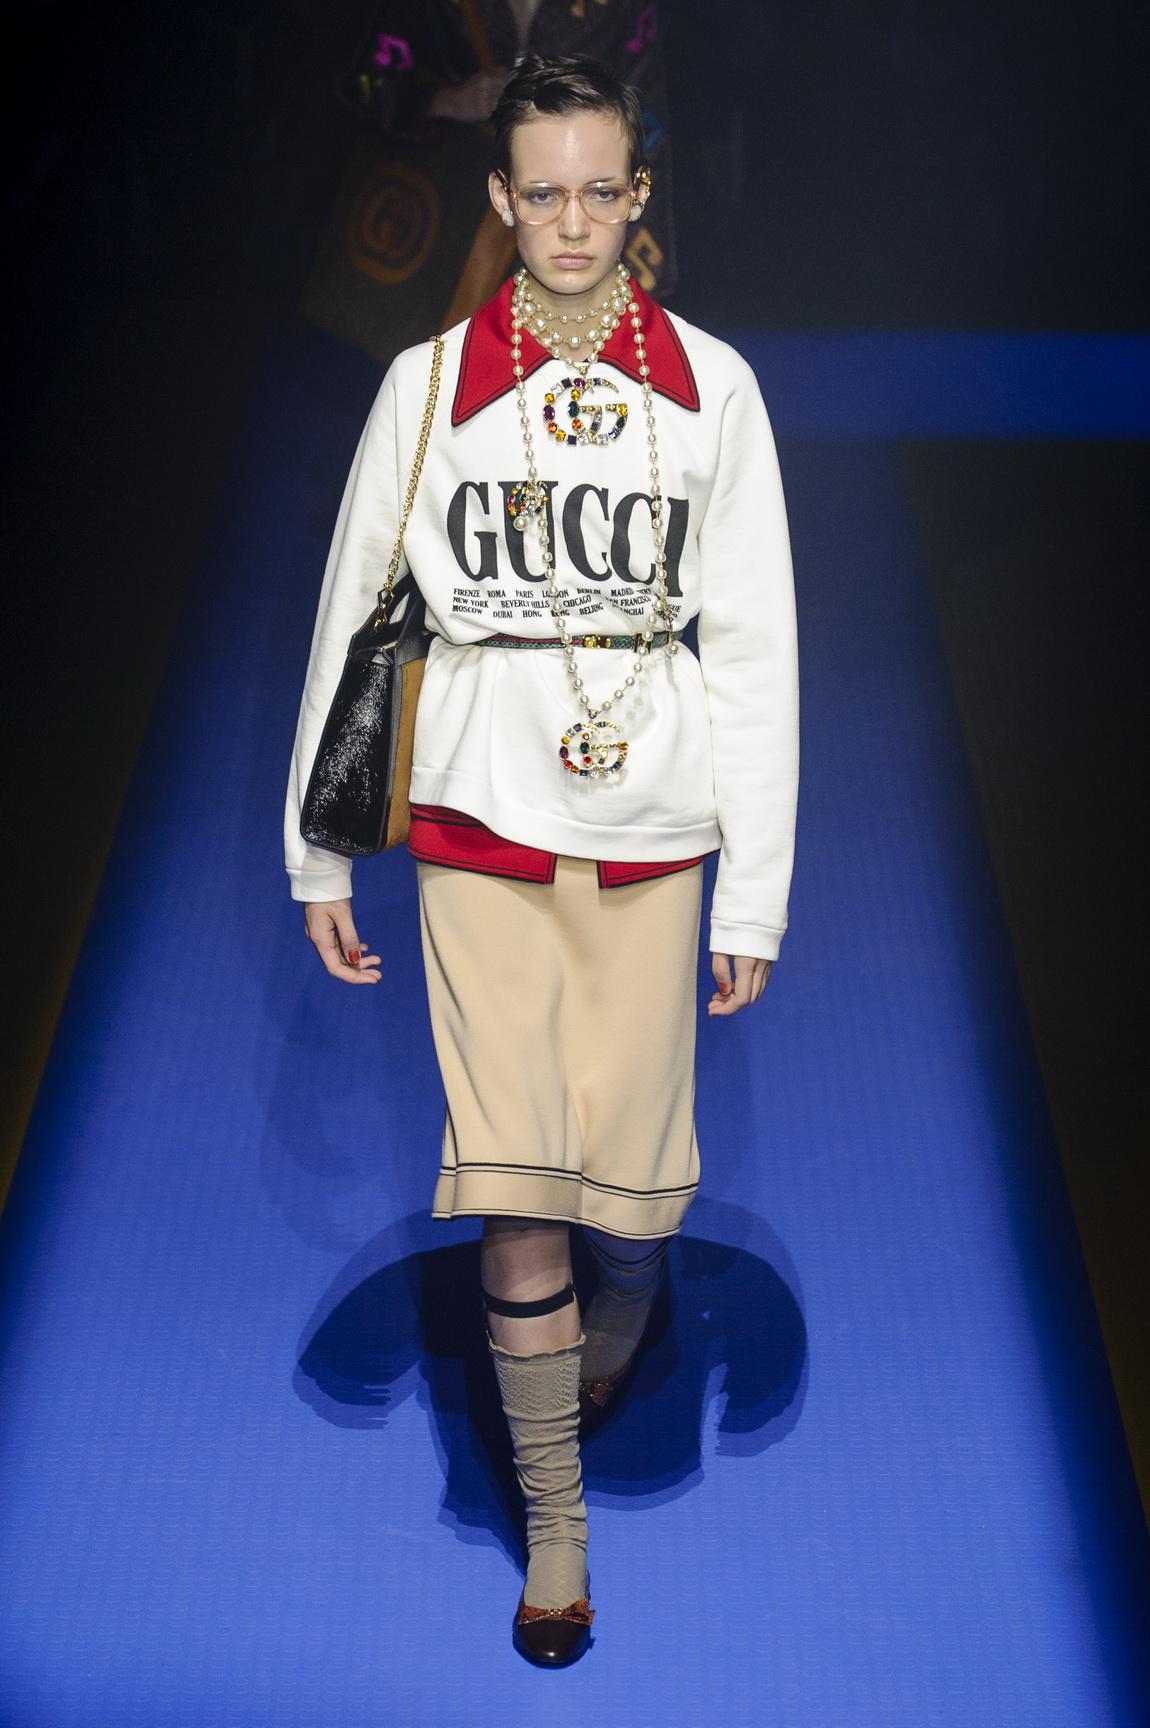 21.、アルベルタ・フェレッティのAlberta Ferretti。ミラノのデザイナーたちは、創造的な一貫性とファッション界の変革を訴えるコレクションを発表した。  Gucci